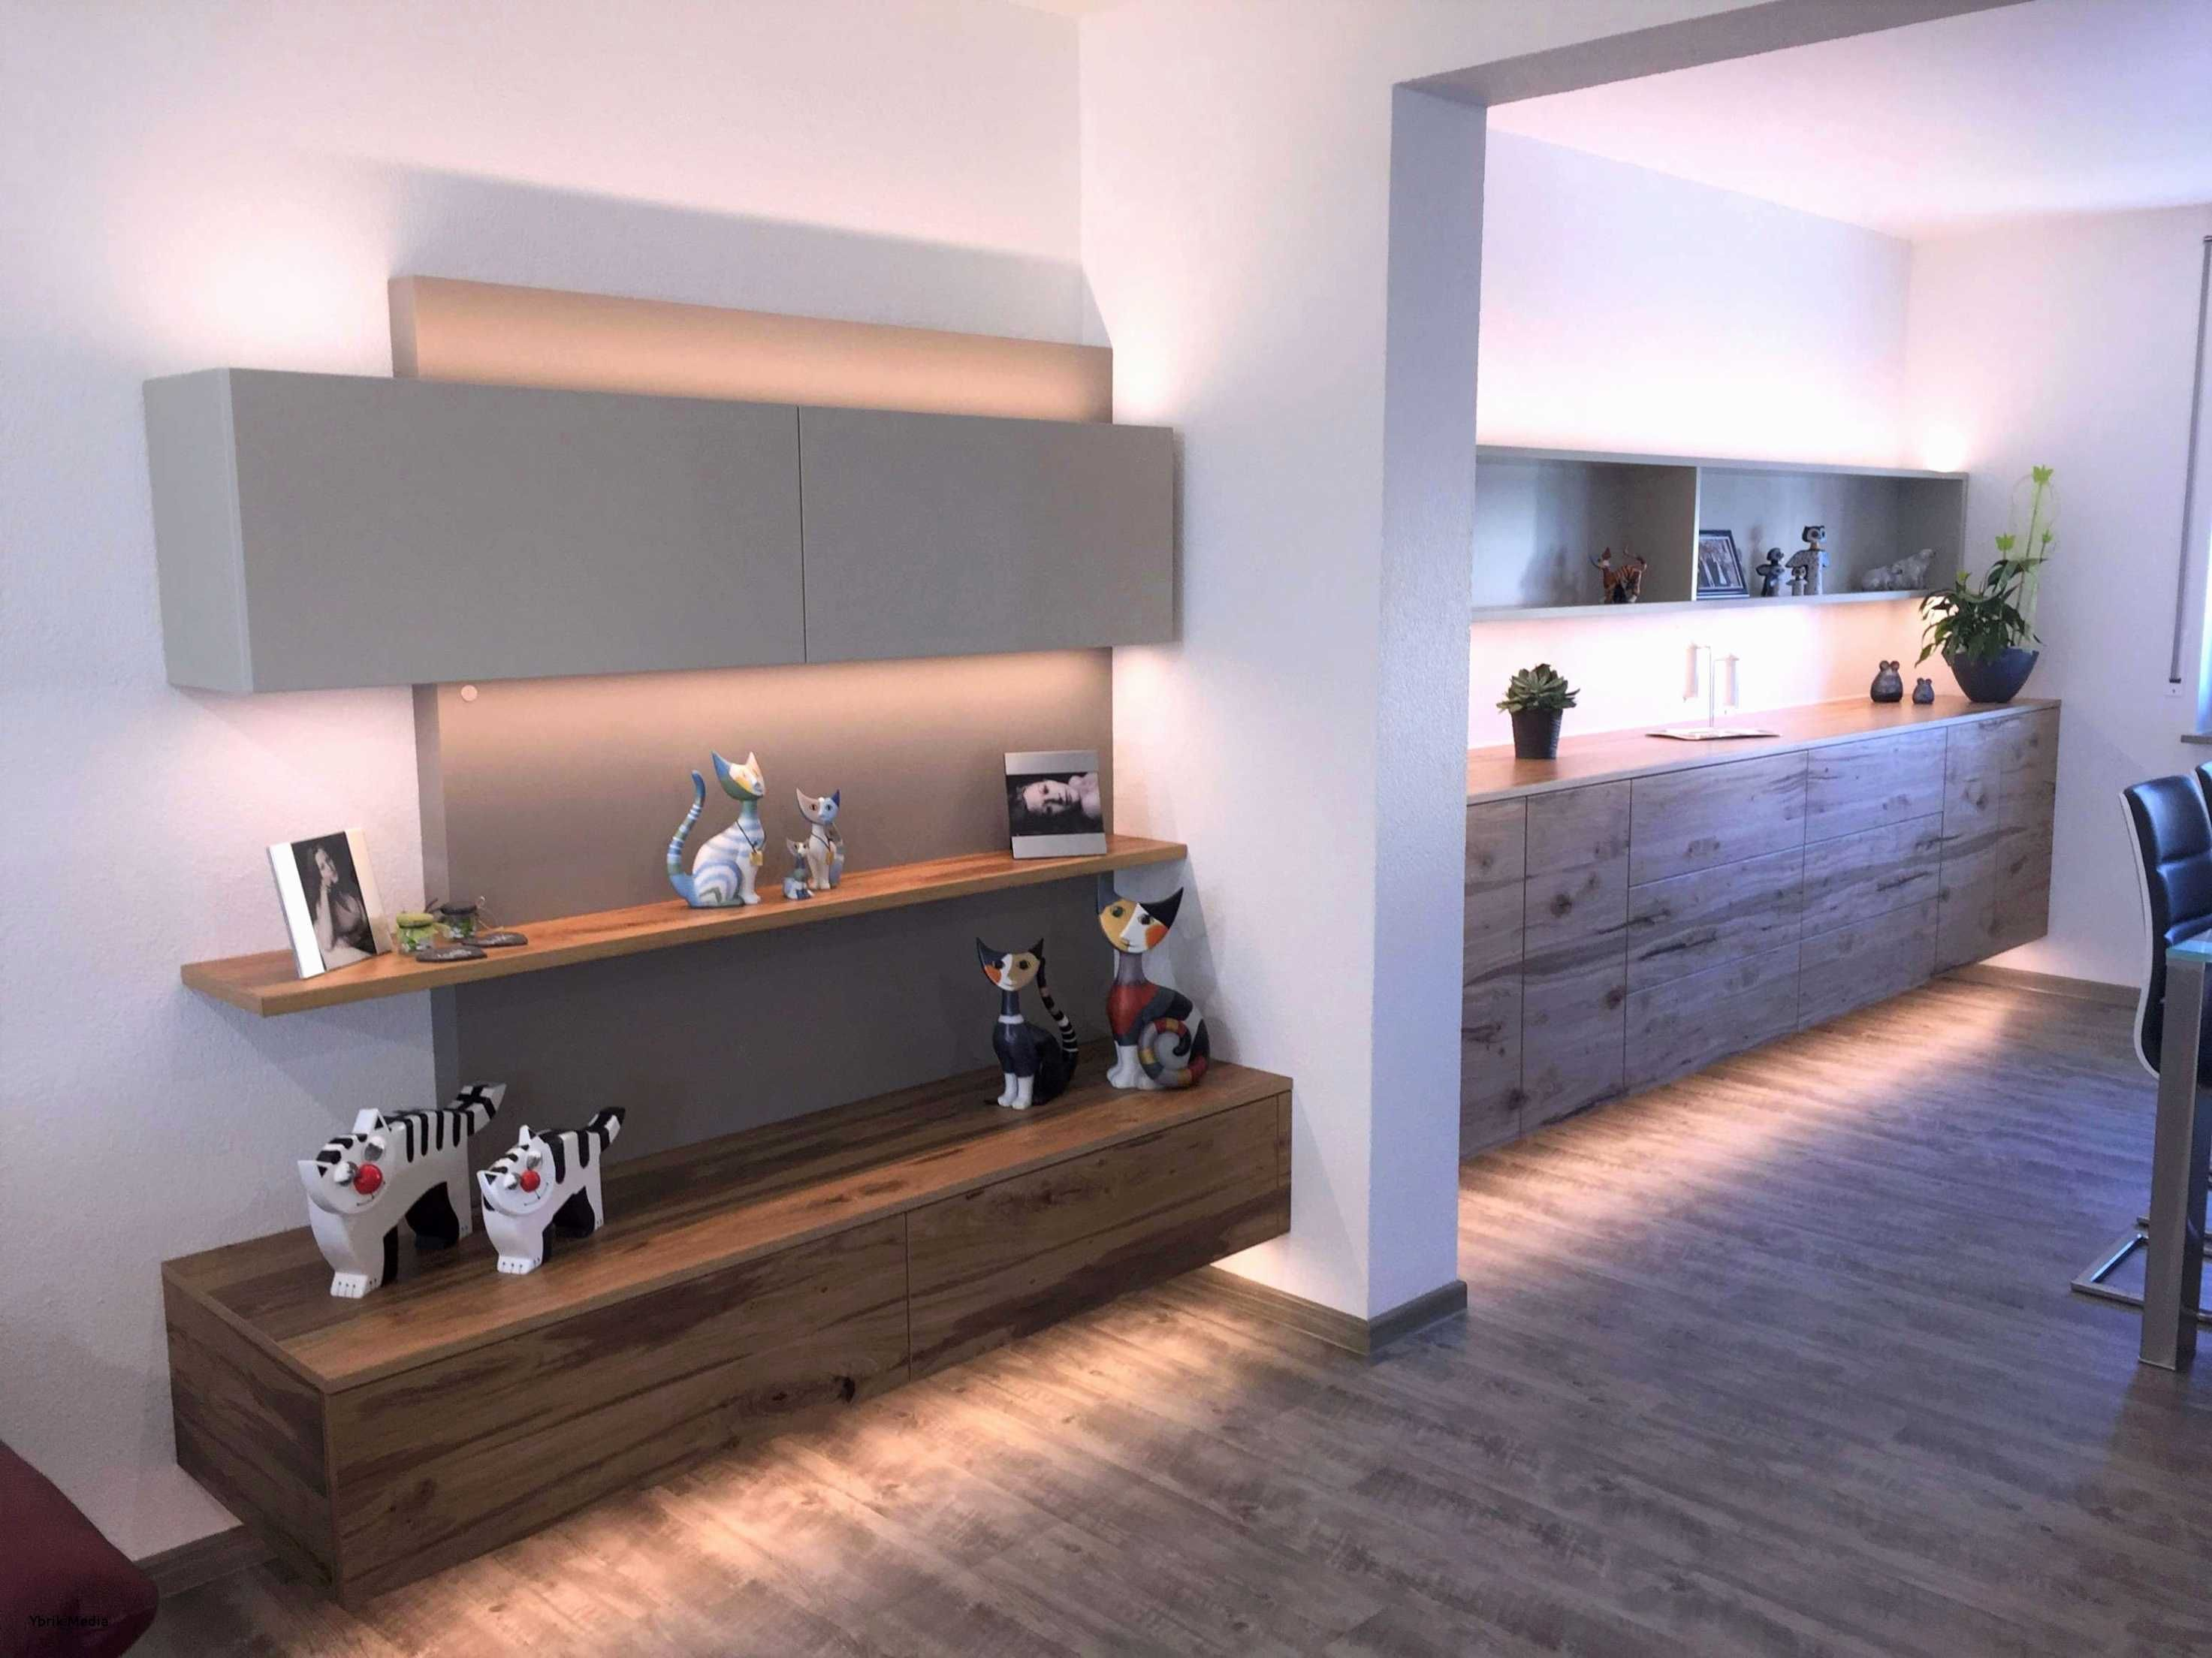 10 Oben Von Von 10 Qm Wohnung Einrichten Ideen  Wohnzimmer